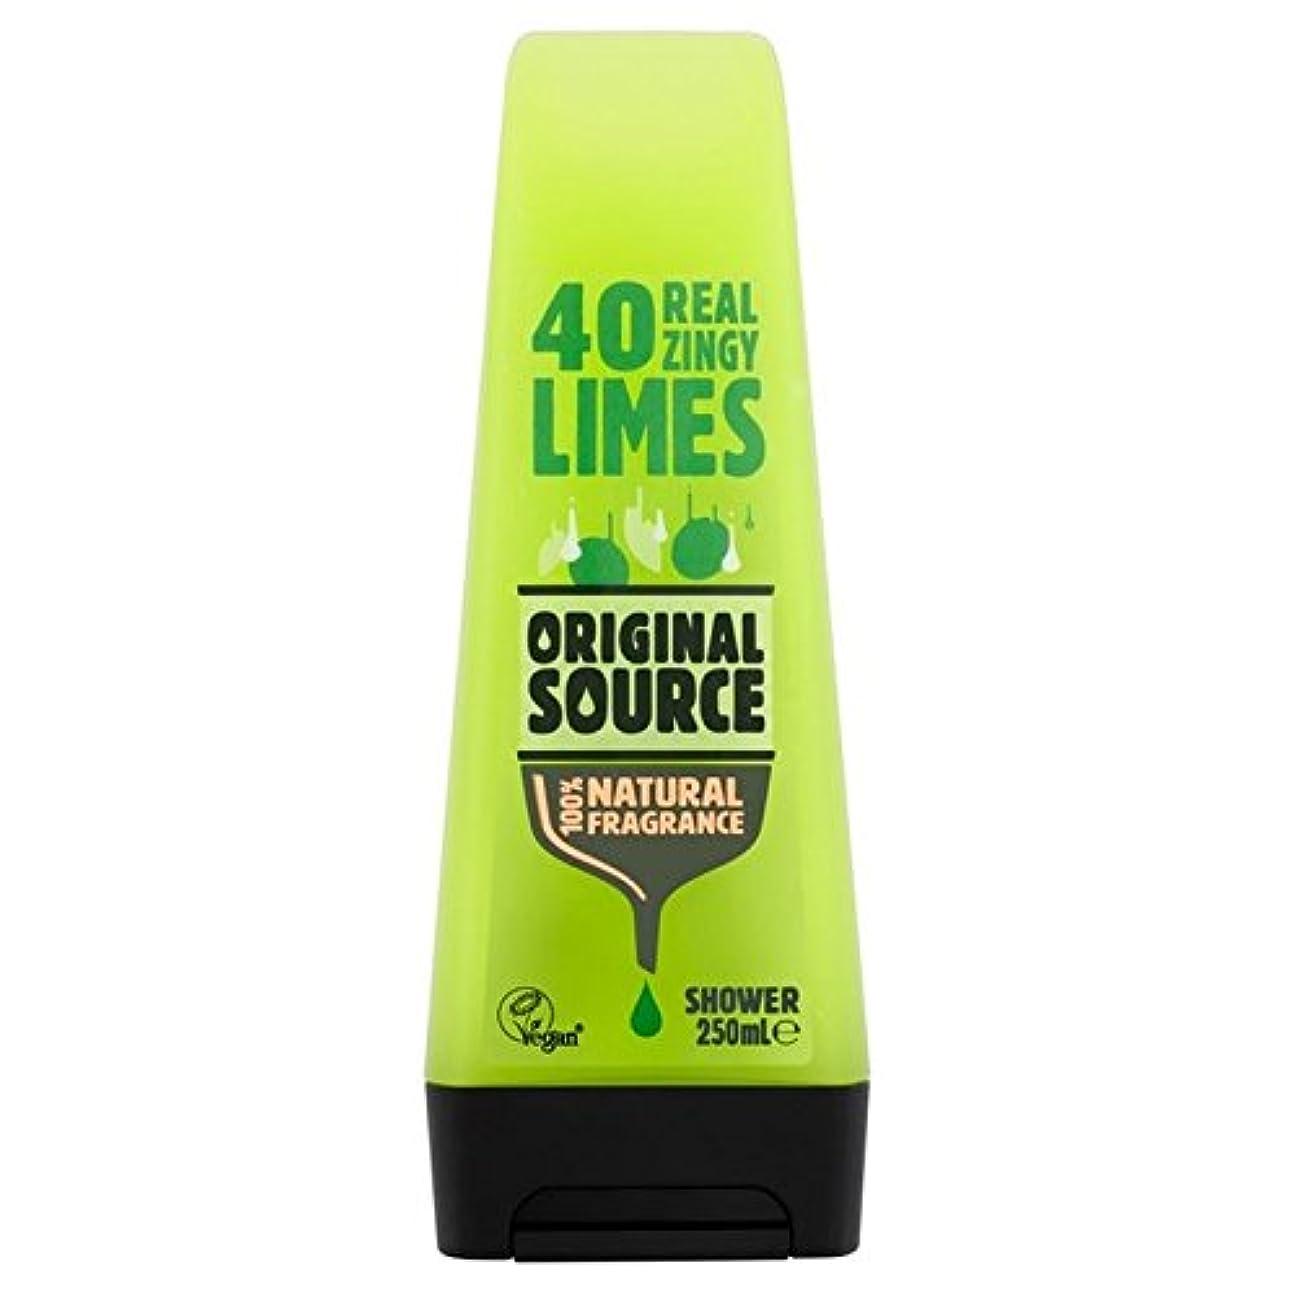 夢中害虫関係元のソースライムシャワージェル250ミリリットル x2 - Original Source Lime Shower Gel 250ml (Pack of 2) [並行輸入品]